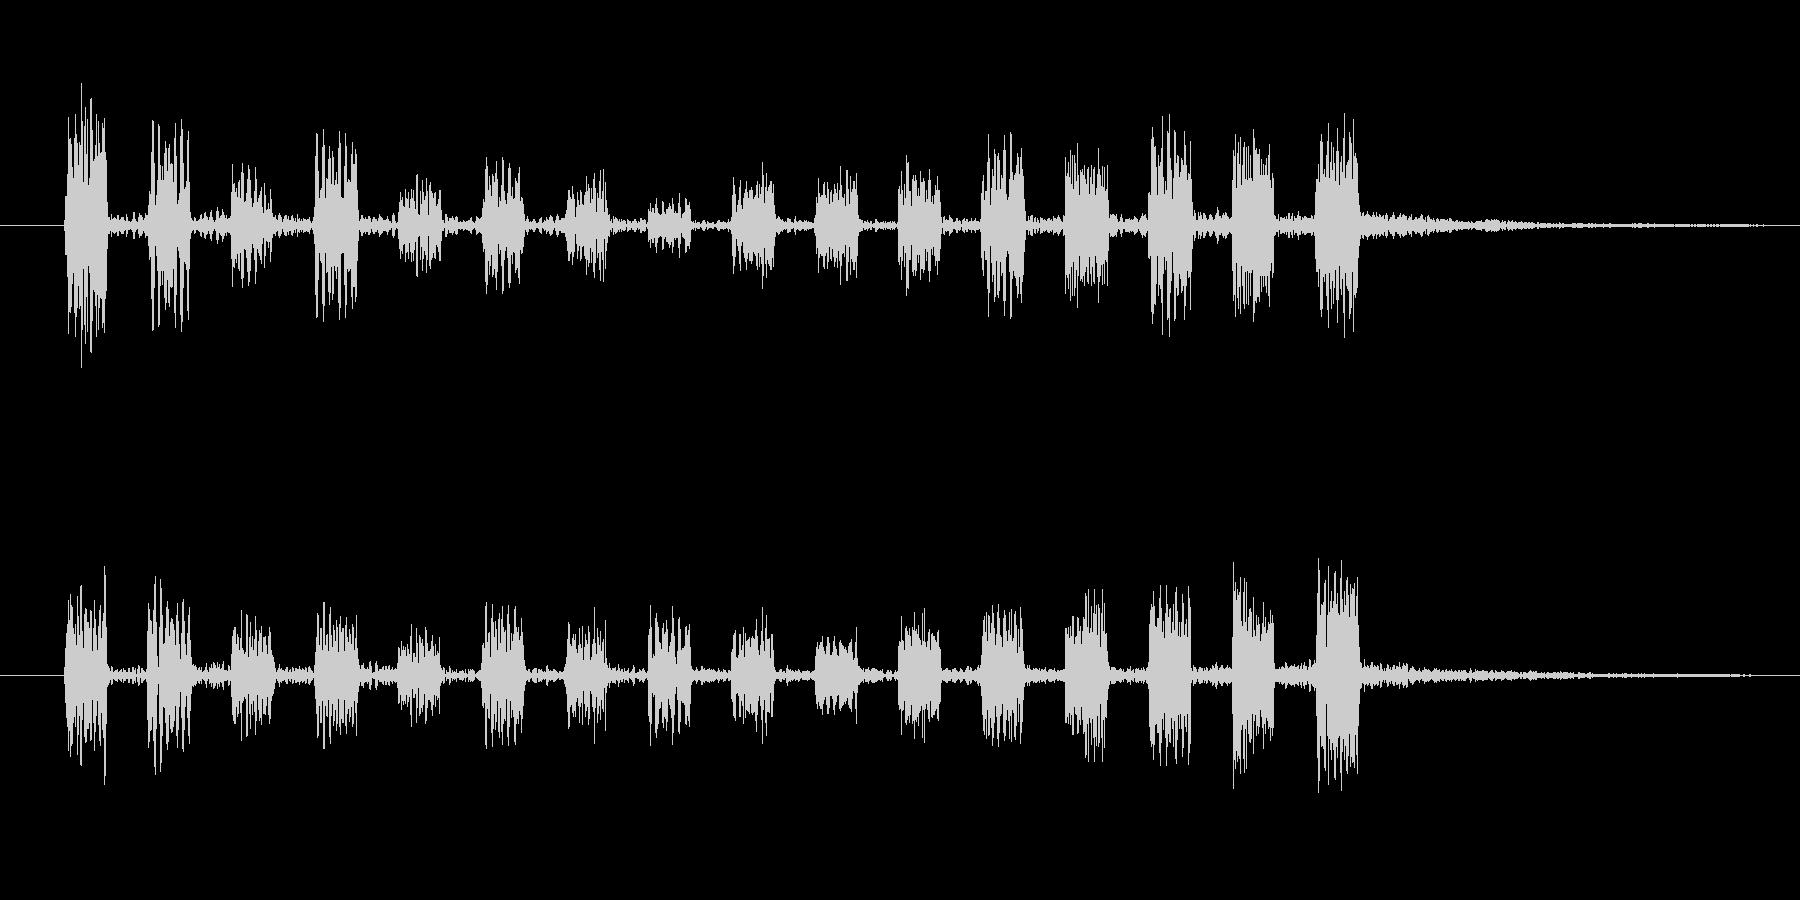 機械が何かをチャージするような音の未再生の波形